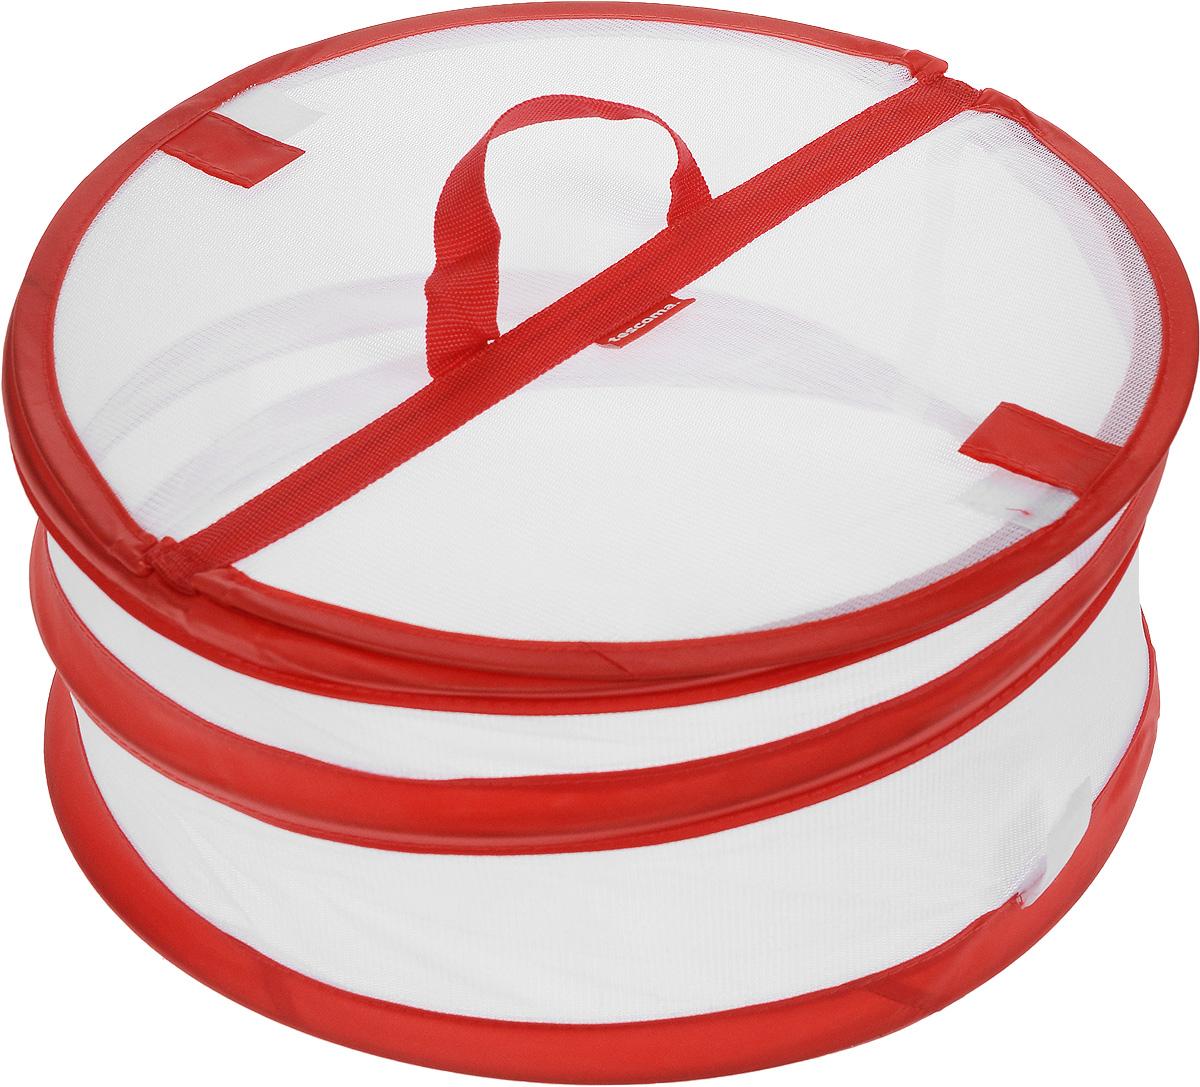 Крышка для пищевых продуктов Tescoma Delicia, складная, цвет: белый, красный, диаметр 30 см115510Крышка для пищевых продуктов Tescoma Delicia защитит еду от пыли и насекомых дома и на открытом воздухе. Крышка изготовлена из сетчатого текстиля и оснащена гибким металлическим каркасом. Просто составьте посуду с едой и накройте ее крышкой. Для легкого доступа изделие снабжено откидным верхом на липучке. Крышка легко складывается и раскладывается, при хранении занимает минимум пространства. Высота в разложенном виде: 15 см. Высота в сложенном виде: 1 см.